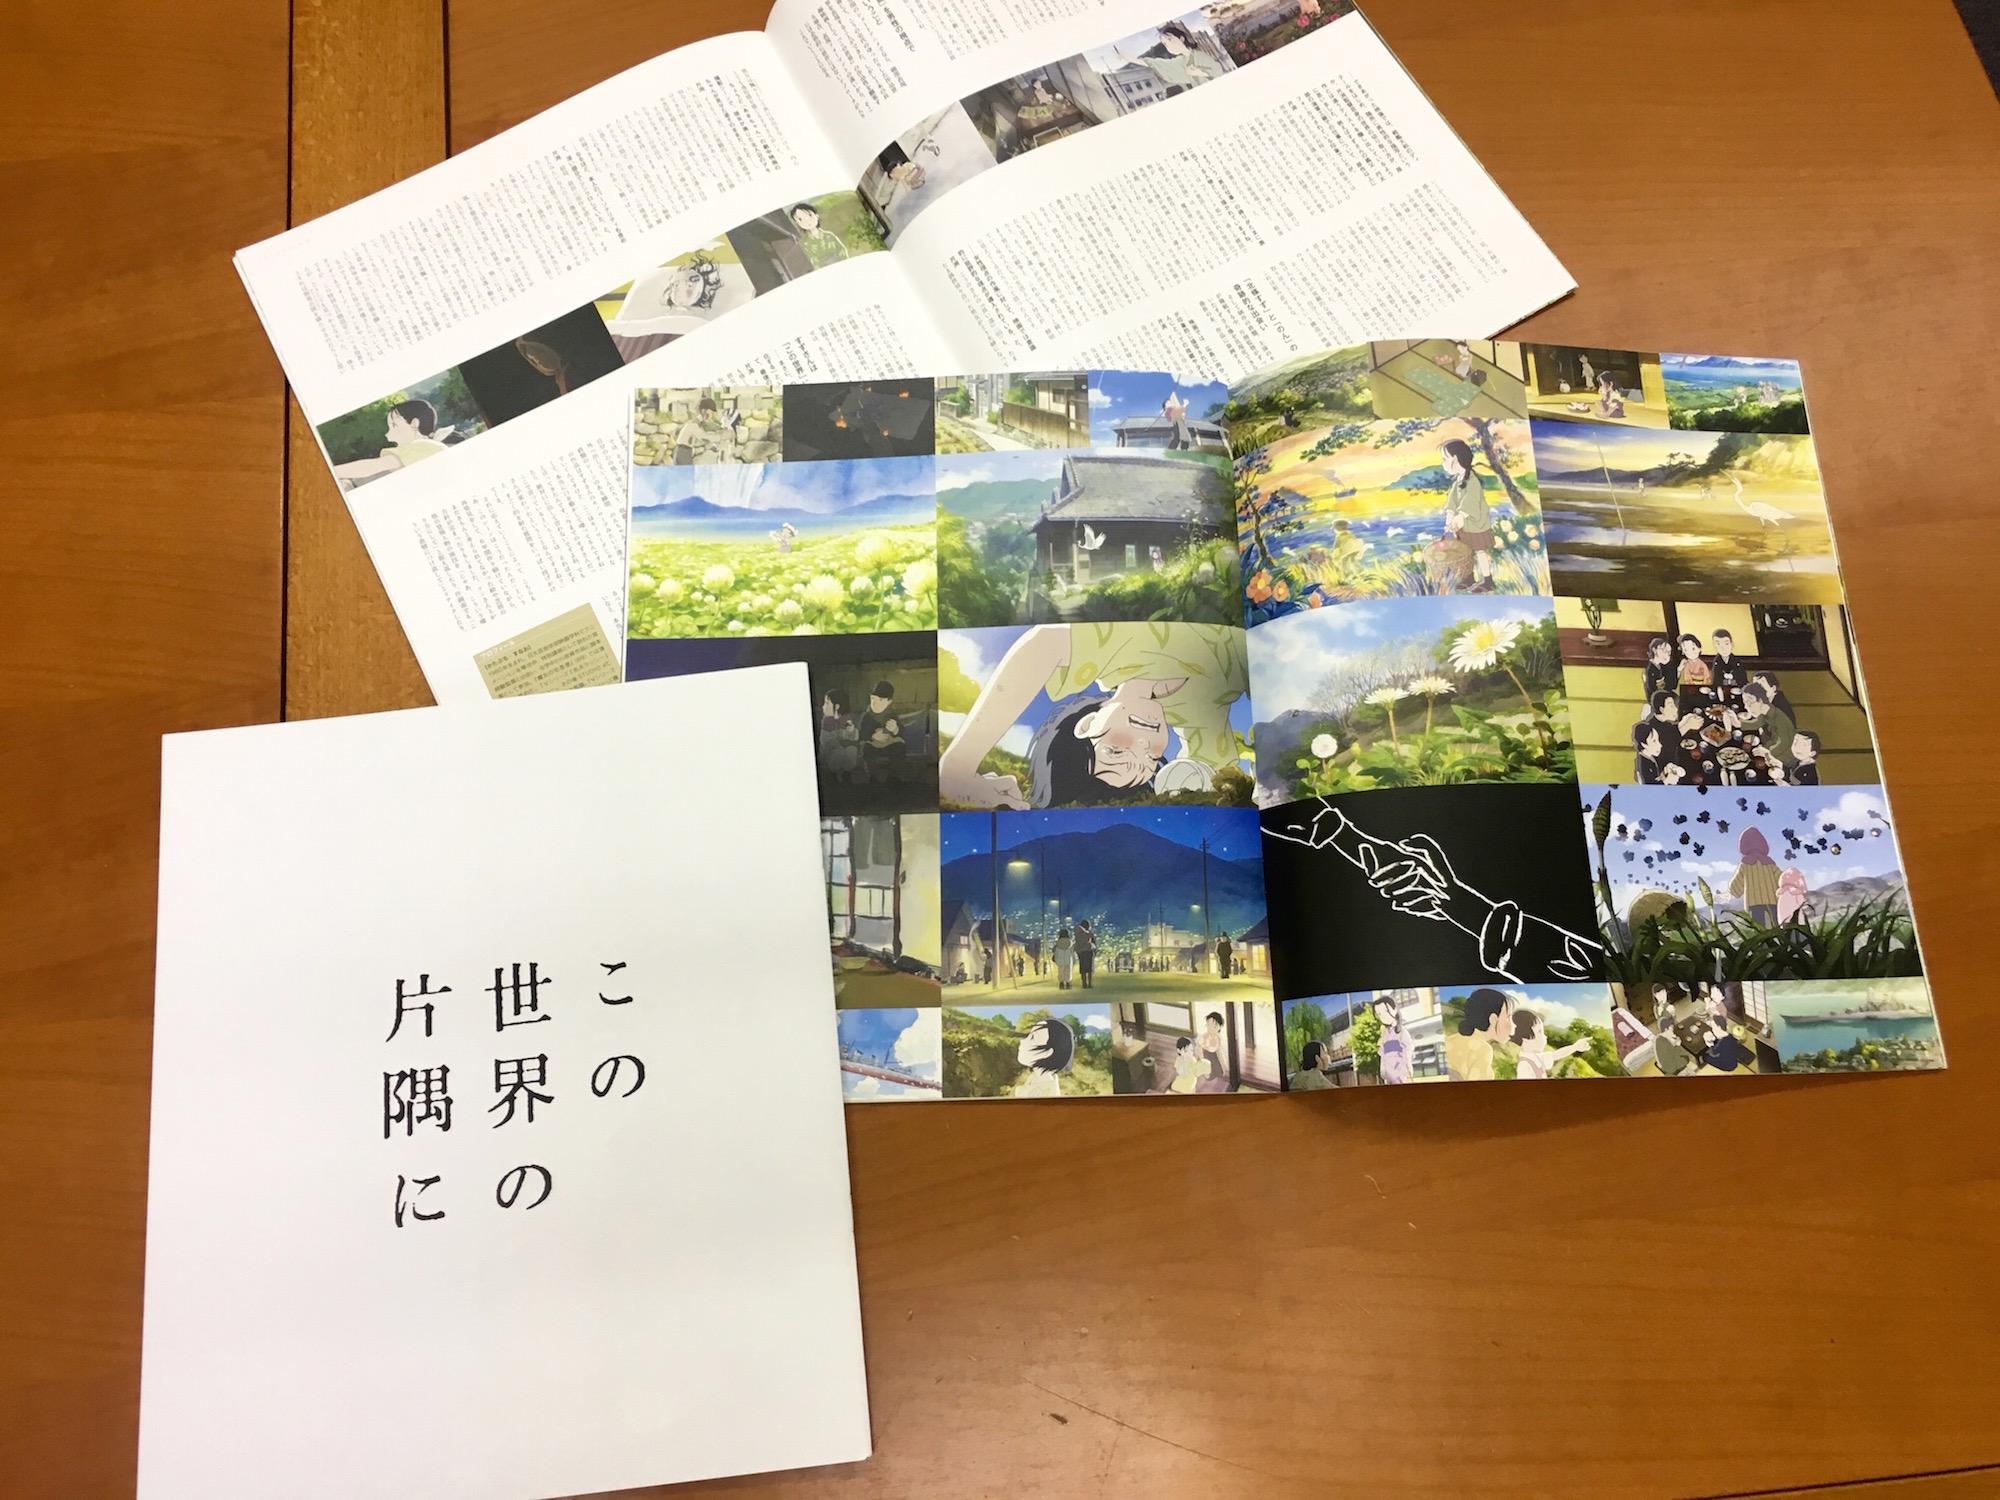 『この世界の片隅に』パンフレットの構成・編集を担当しました